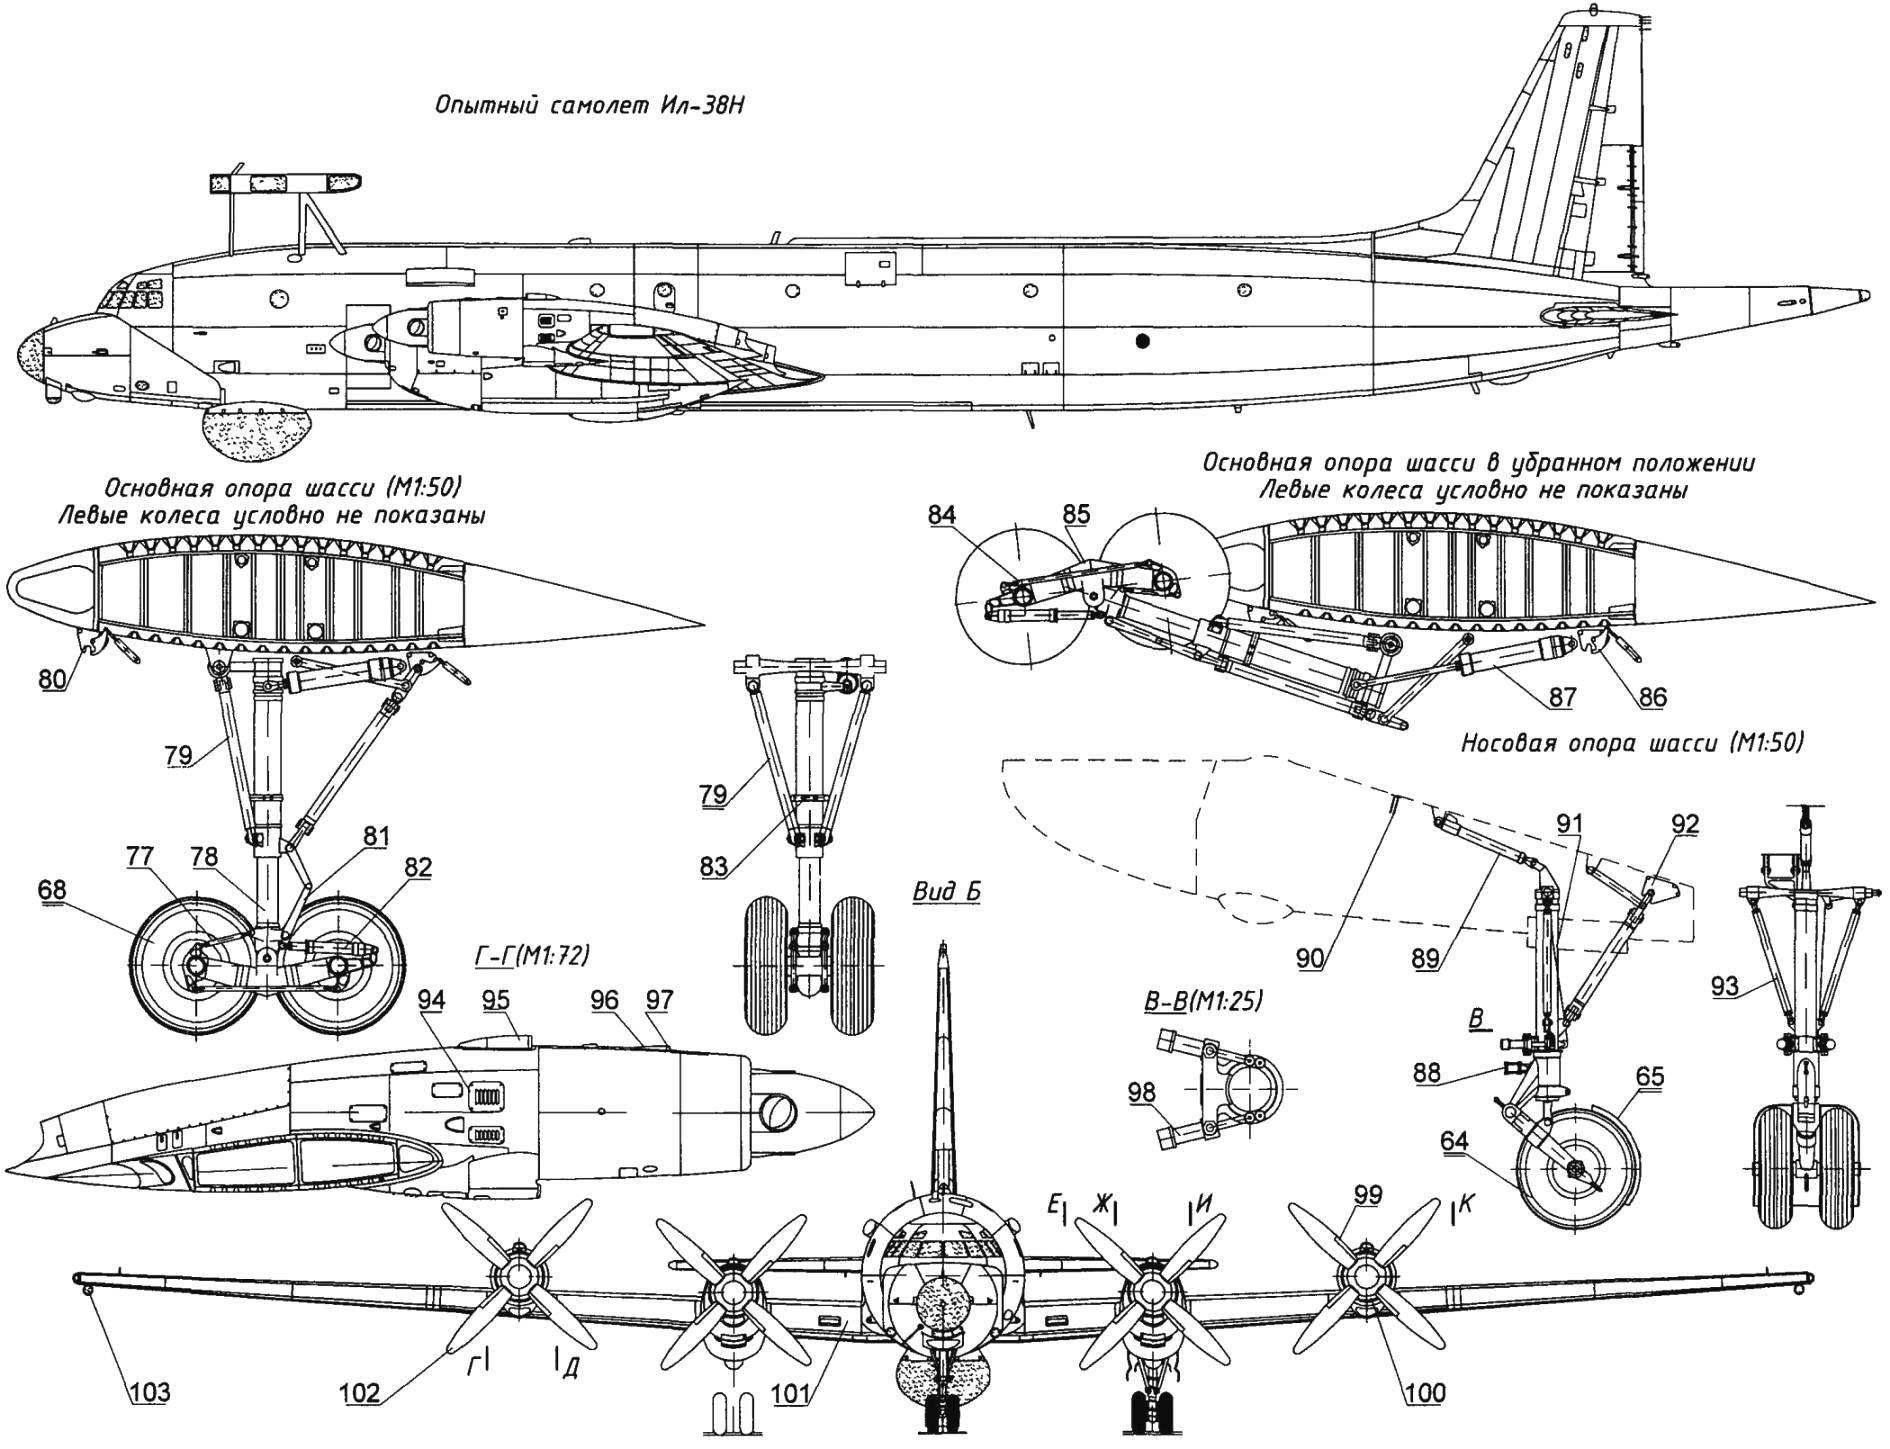 Базовый противолодочный самолет Ил-38 с ППС «Беркут»